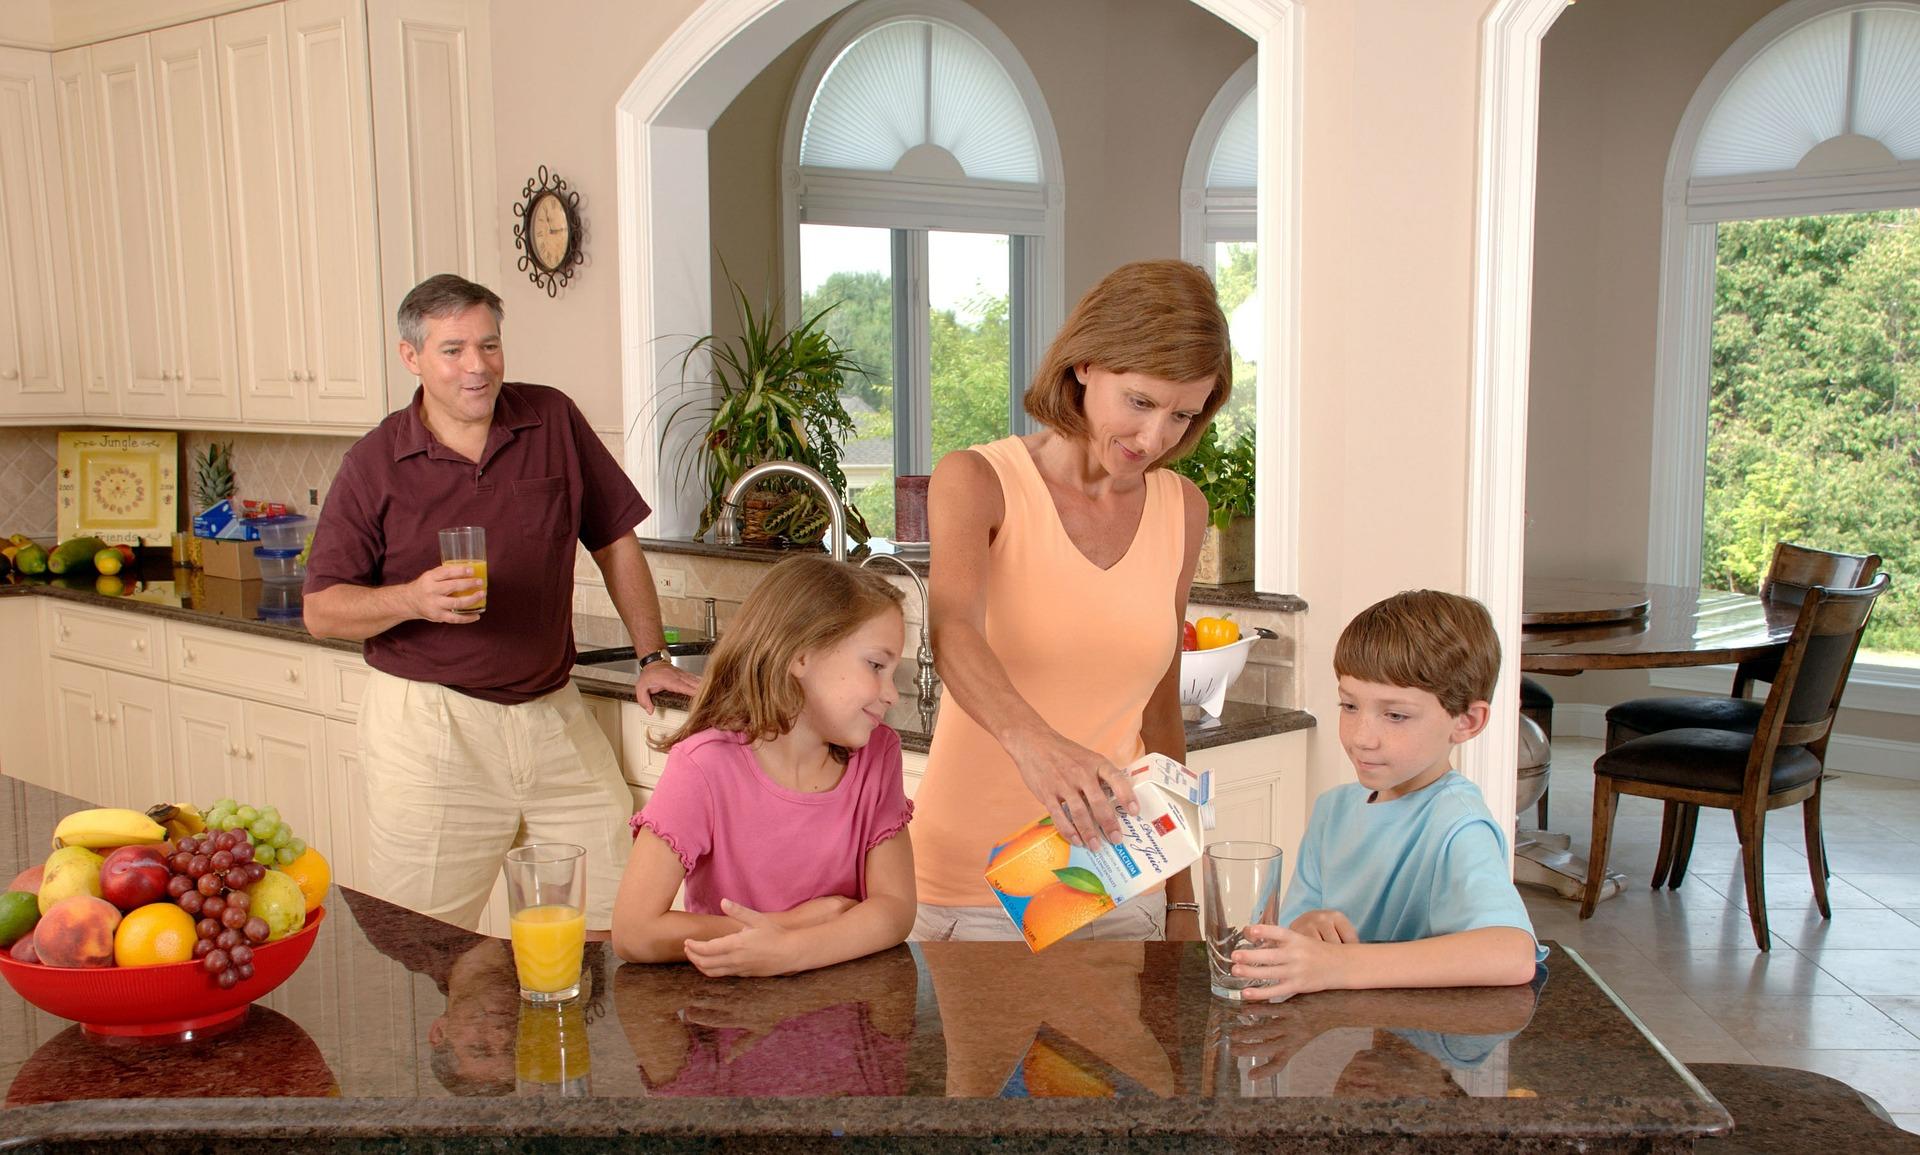 3 reguli simple care va asigura cazarea asa cum va doriti